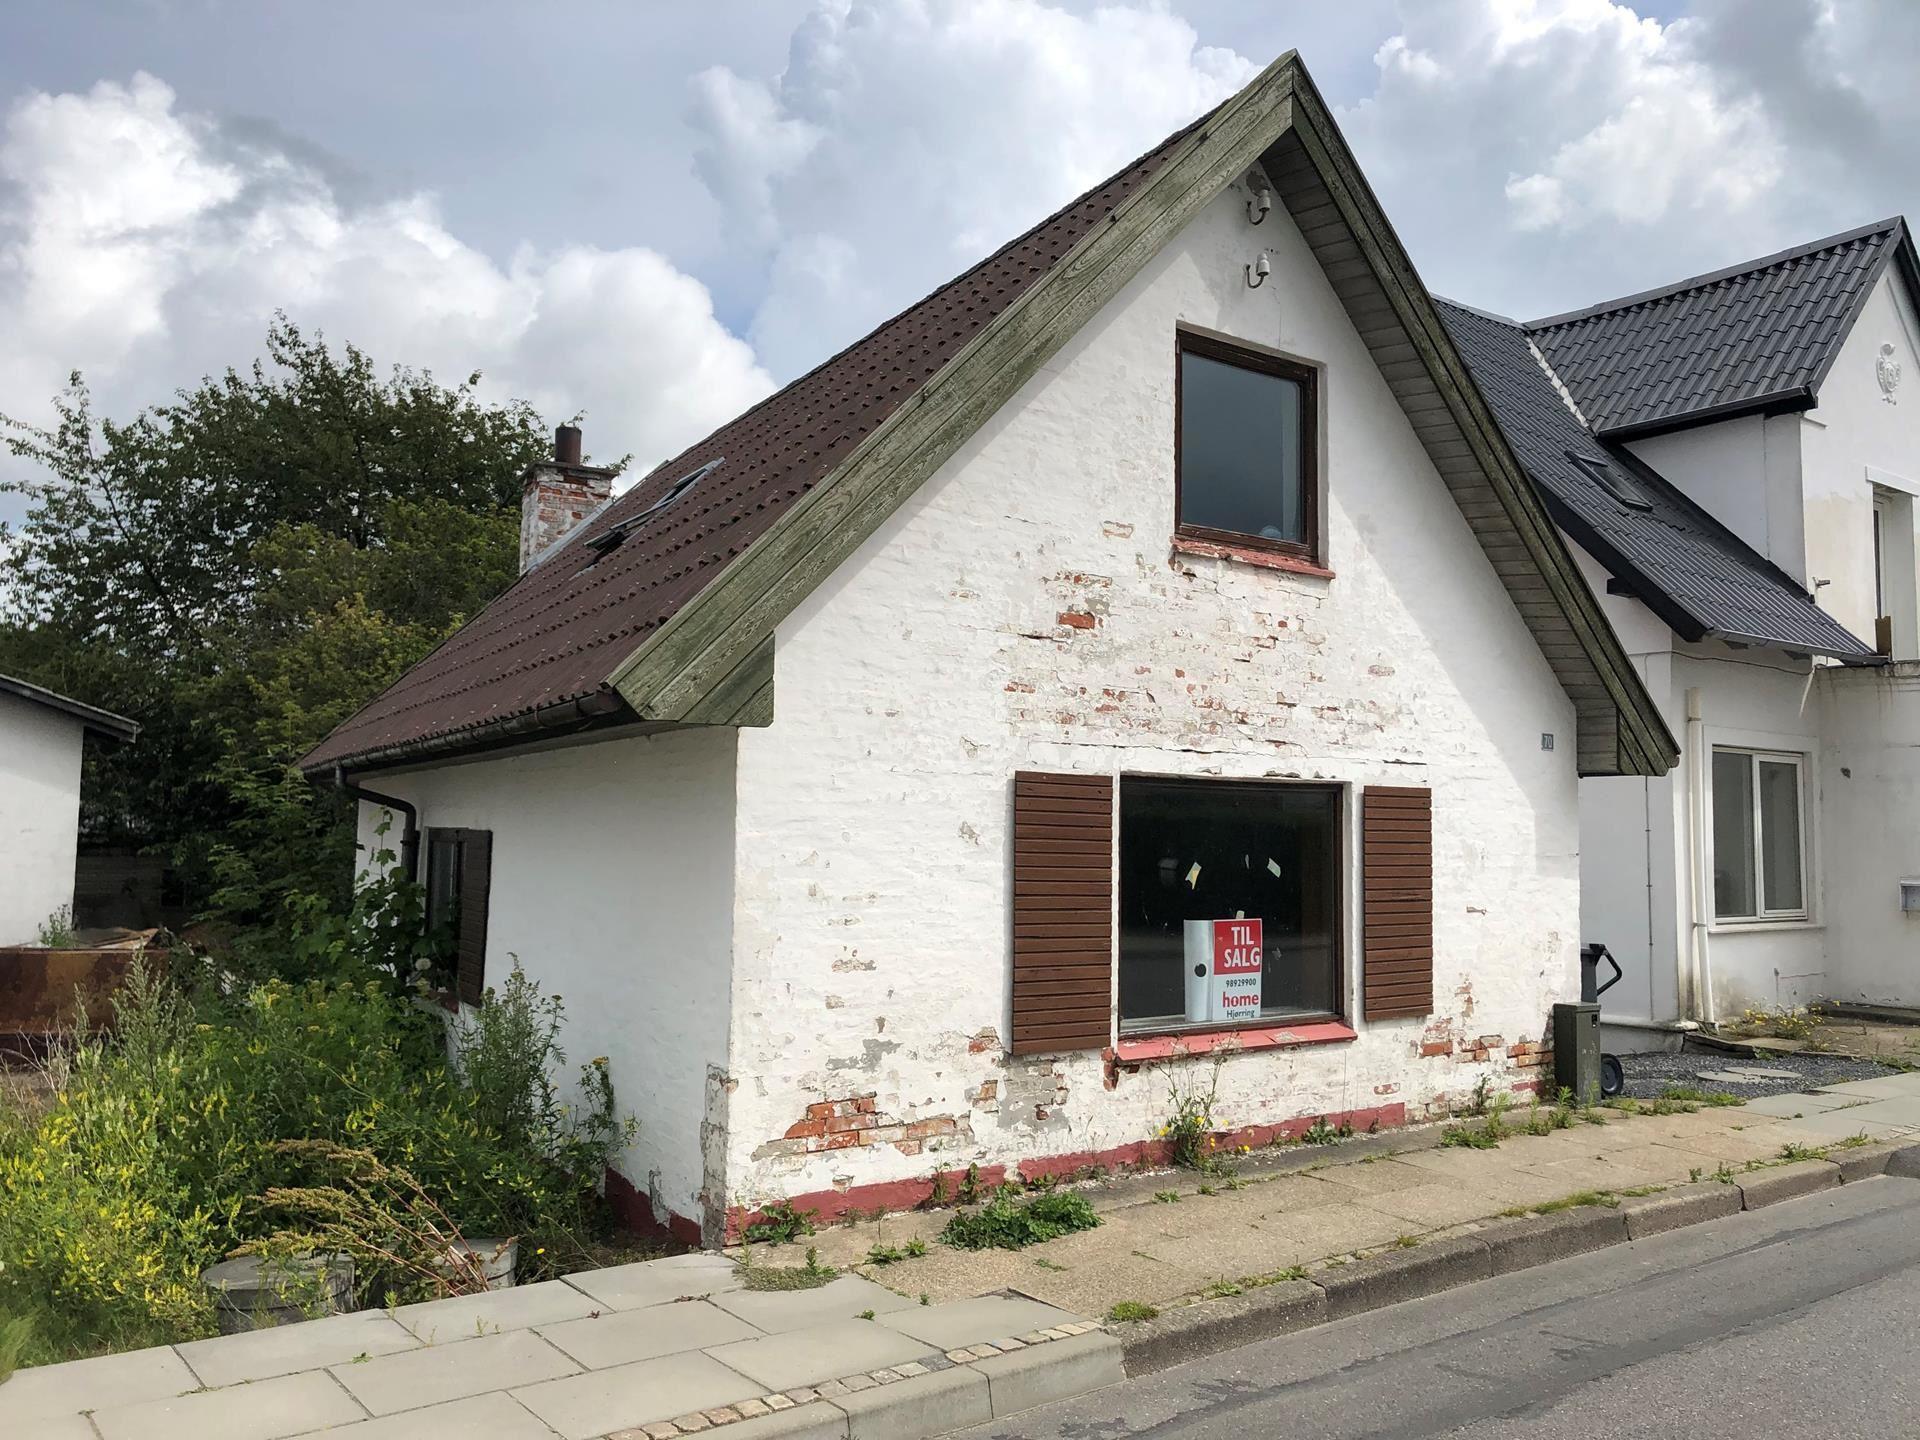 Noget af et kup: Danmarks billigste hus er blevet solgt i Nordjylland